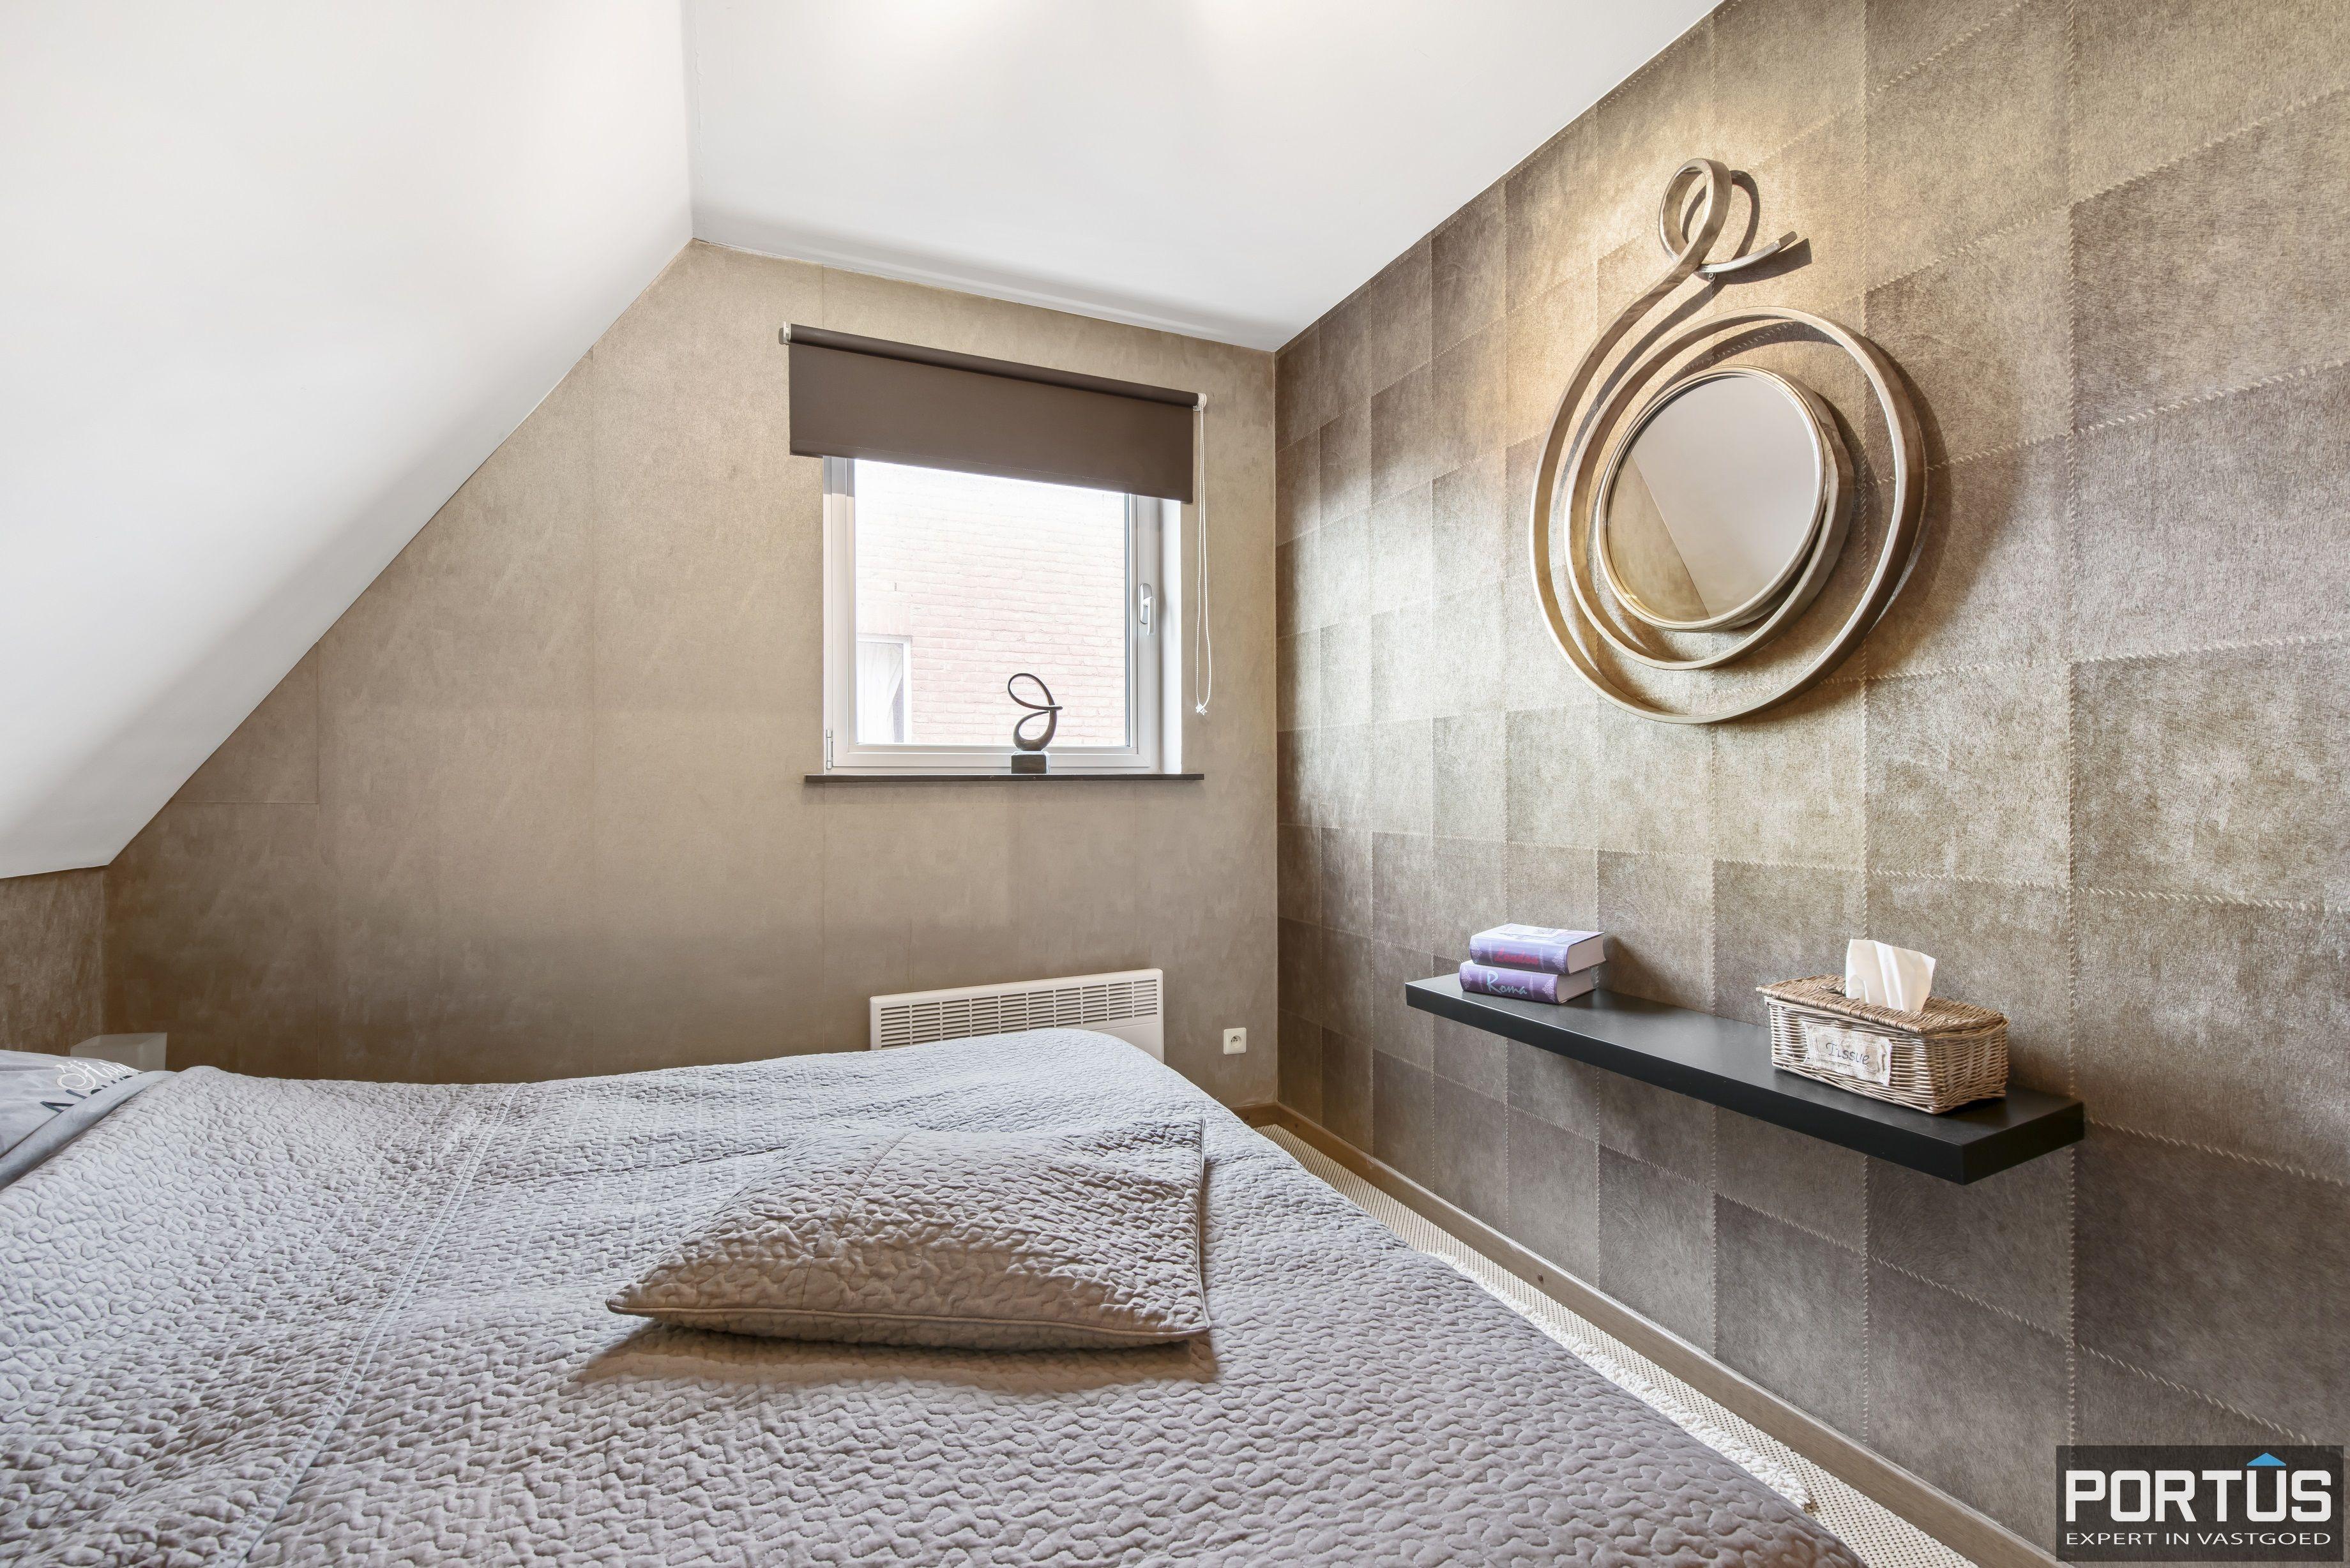 Instapklaar zongericht duplex-appartement te koop te Nieuwpoort - 9494